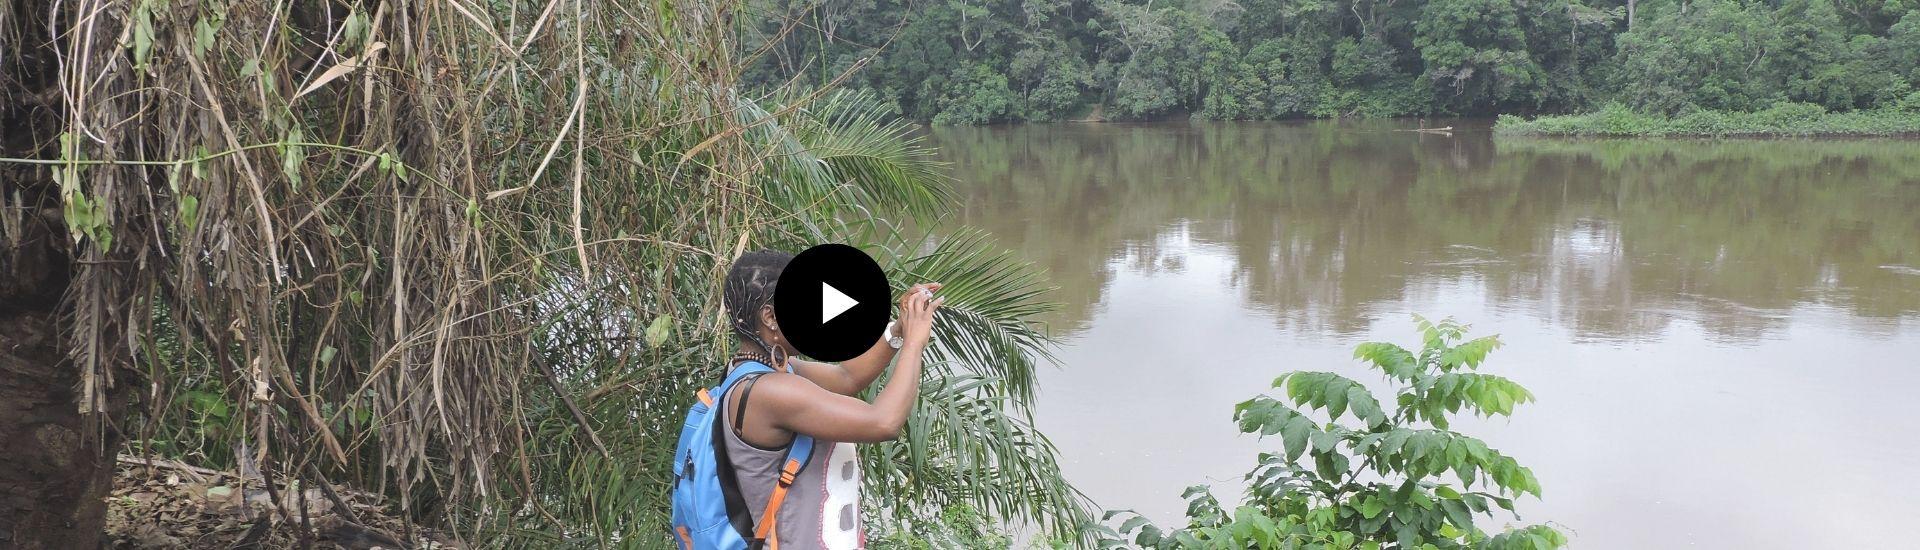 Sur les bords du fleuve Ngoko (part.3) - Minsili ZANGA